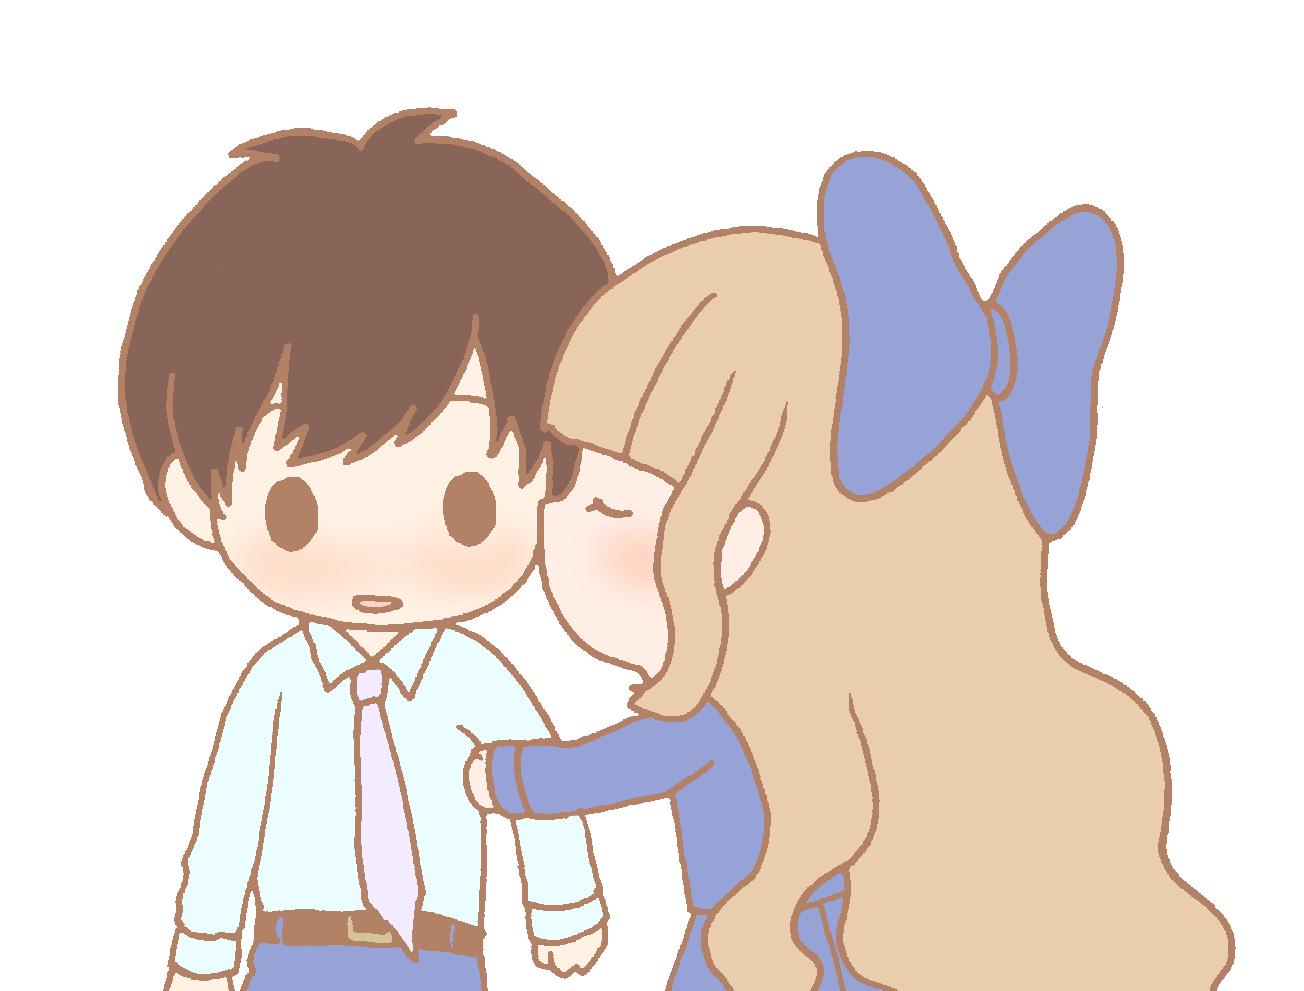 風俗で相手が思わずキスしたくなる?リップ選びの方法